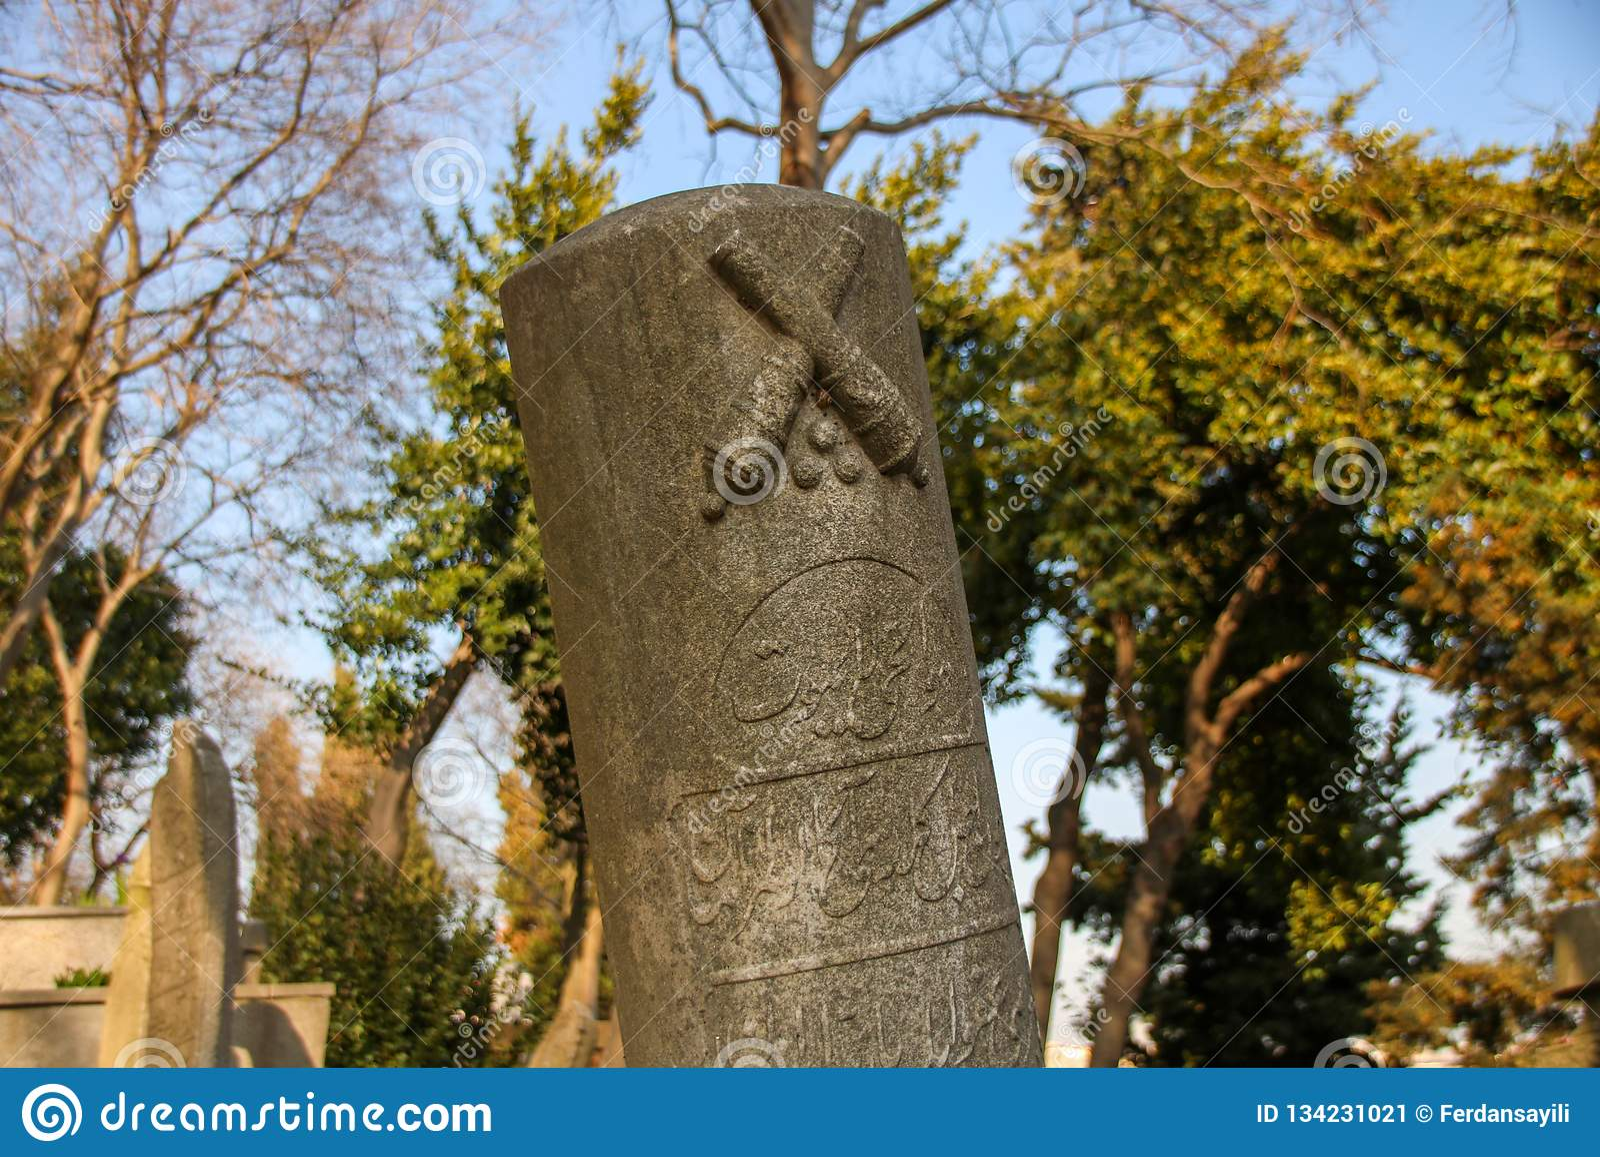 古墓石头,奥托曼期间,土耳其